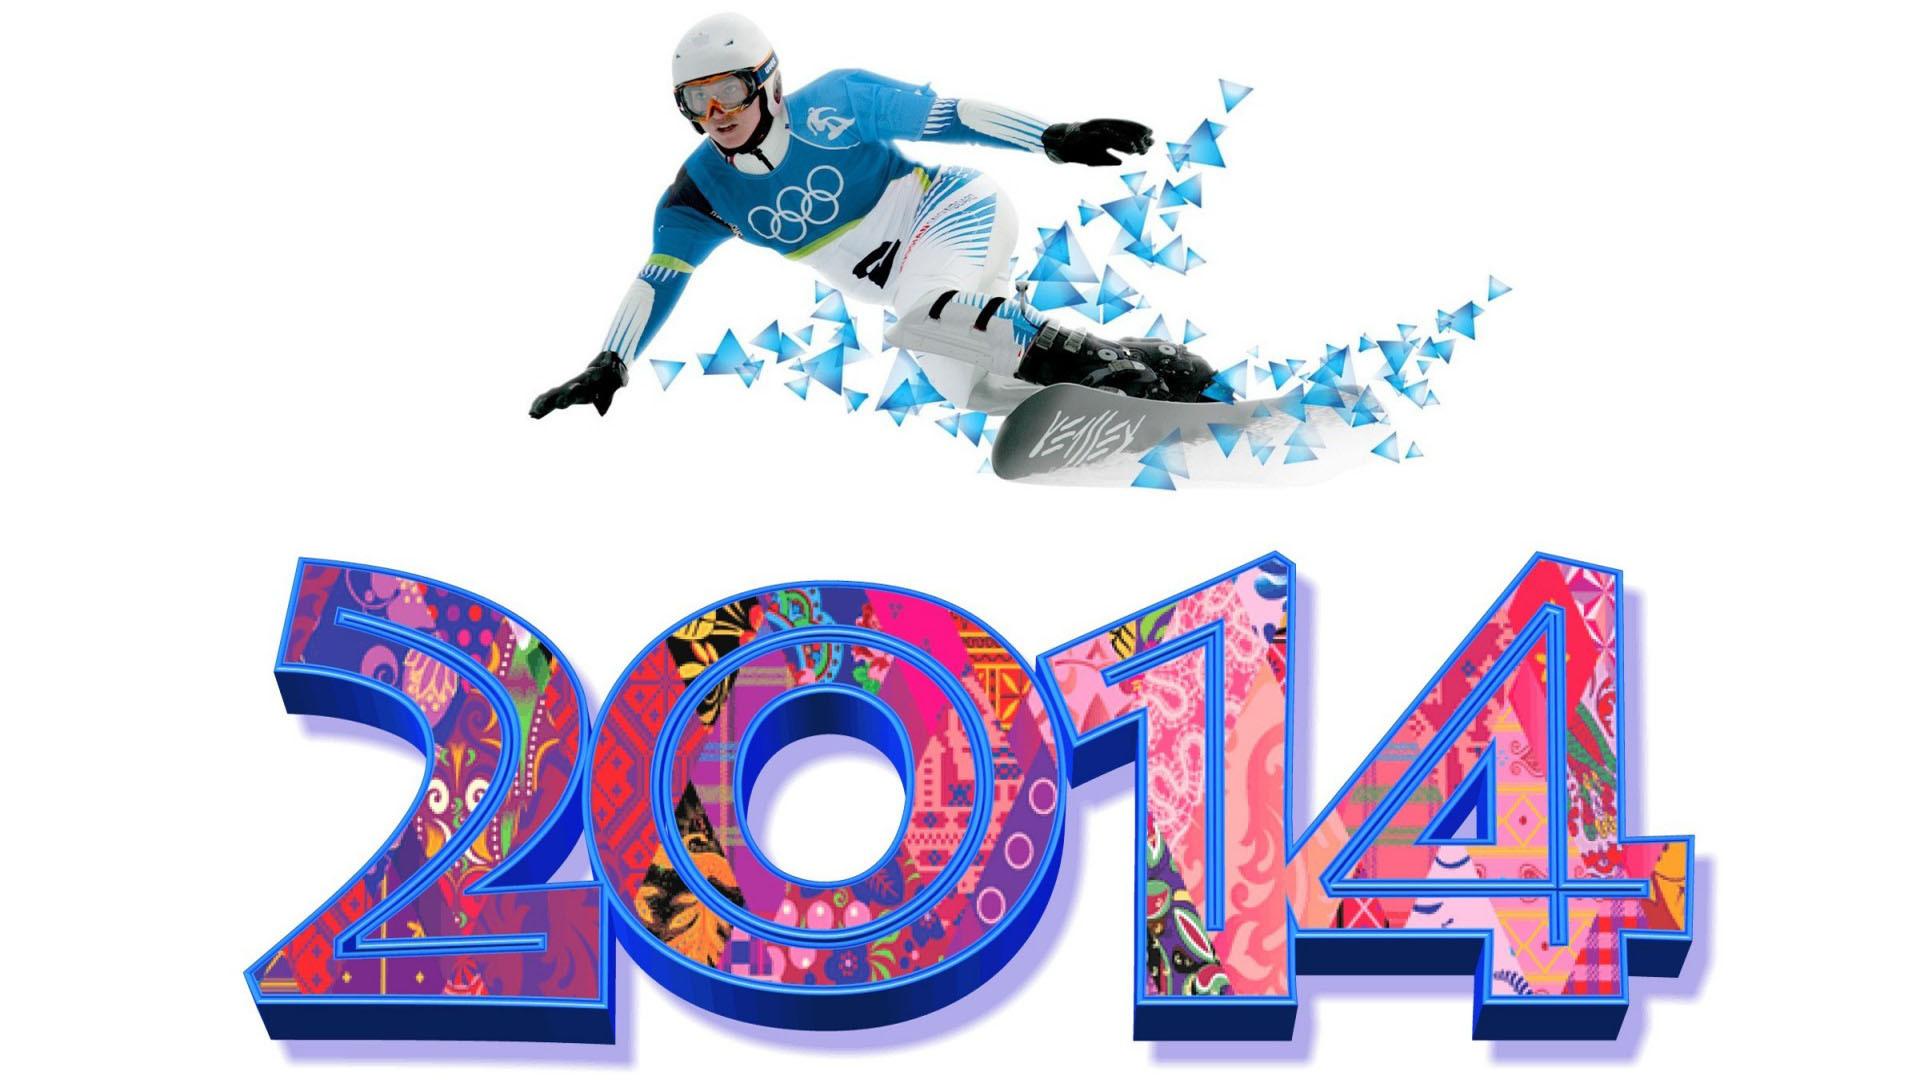 Картинки с надписью олимпиада, днем рождения